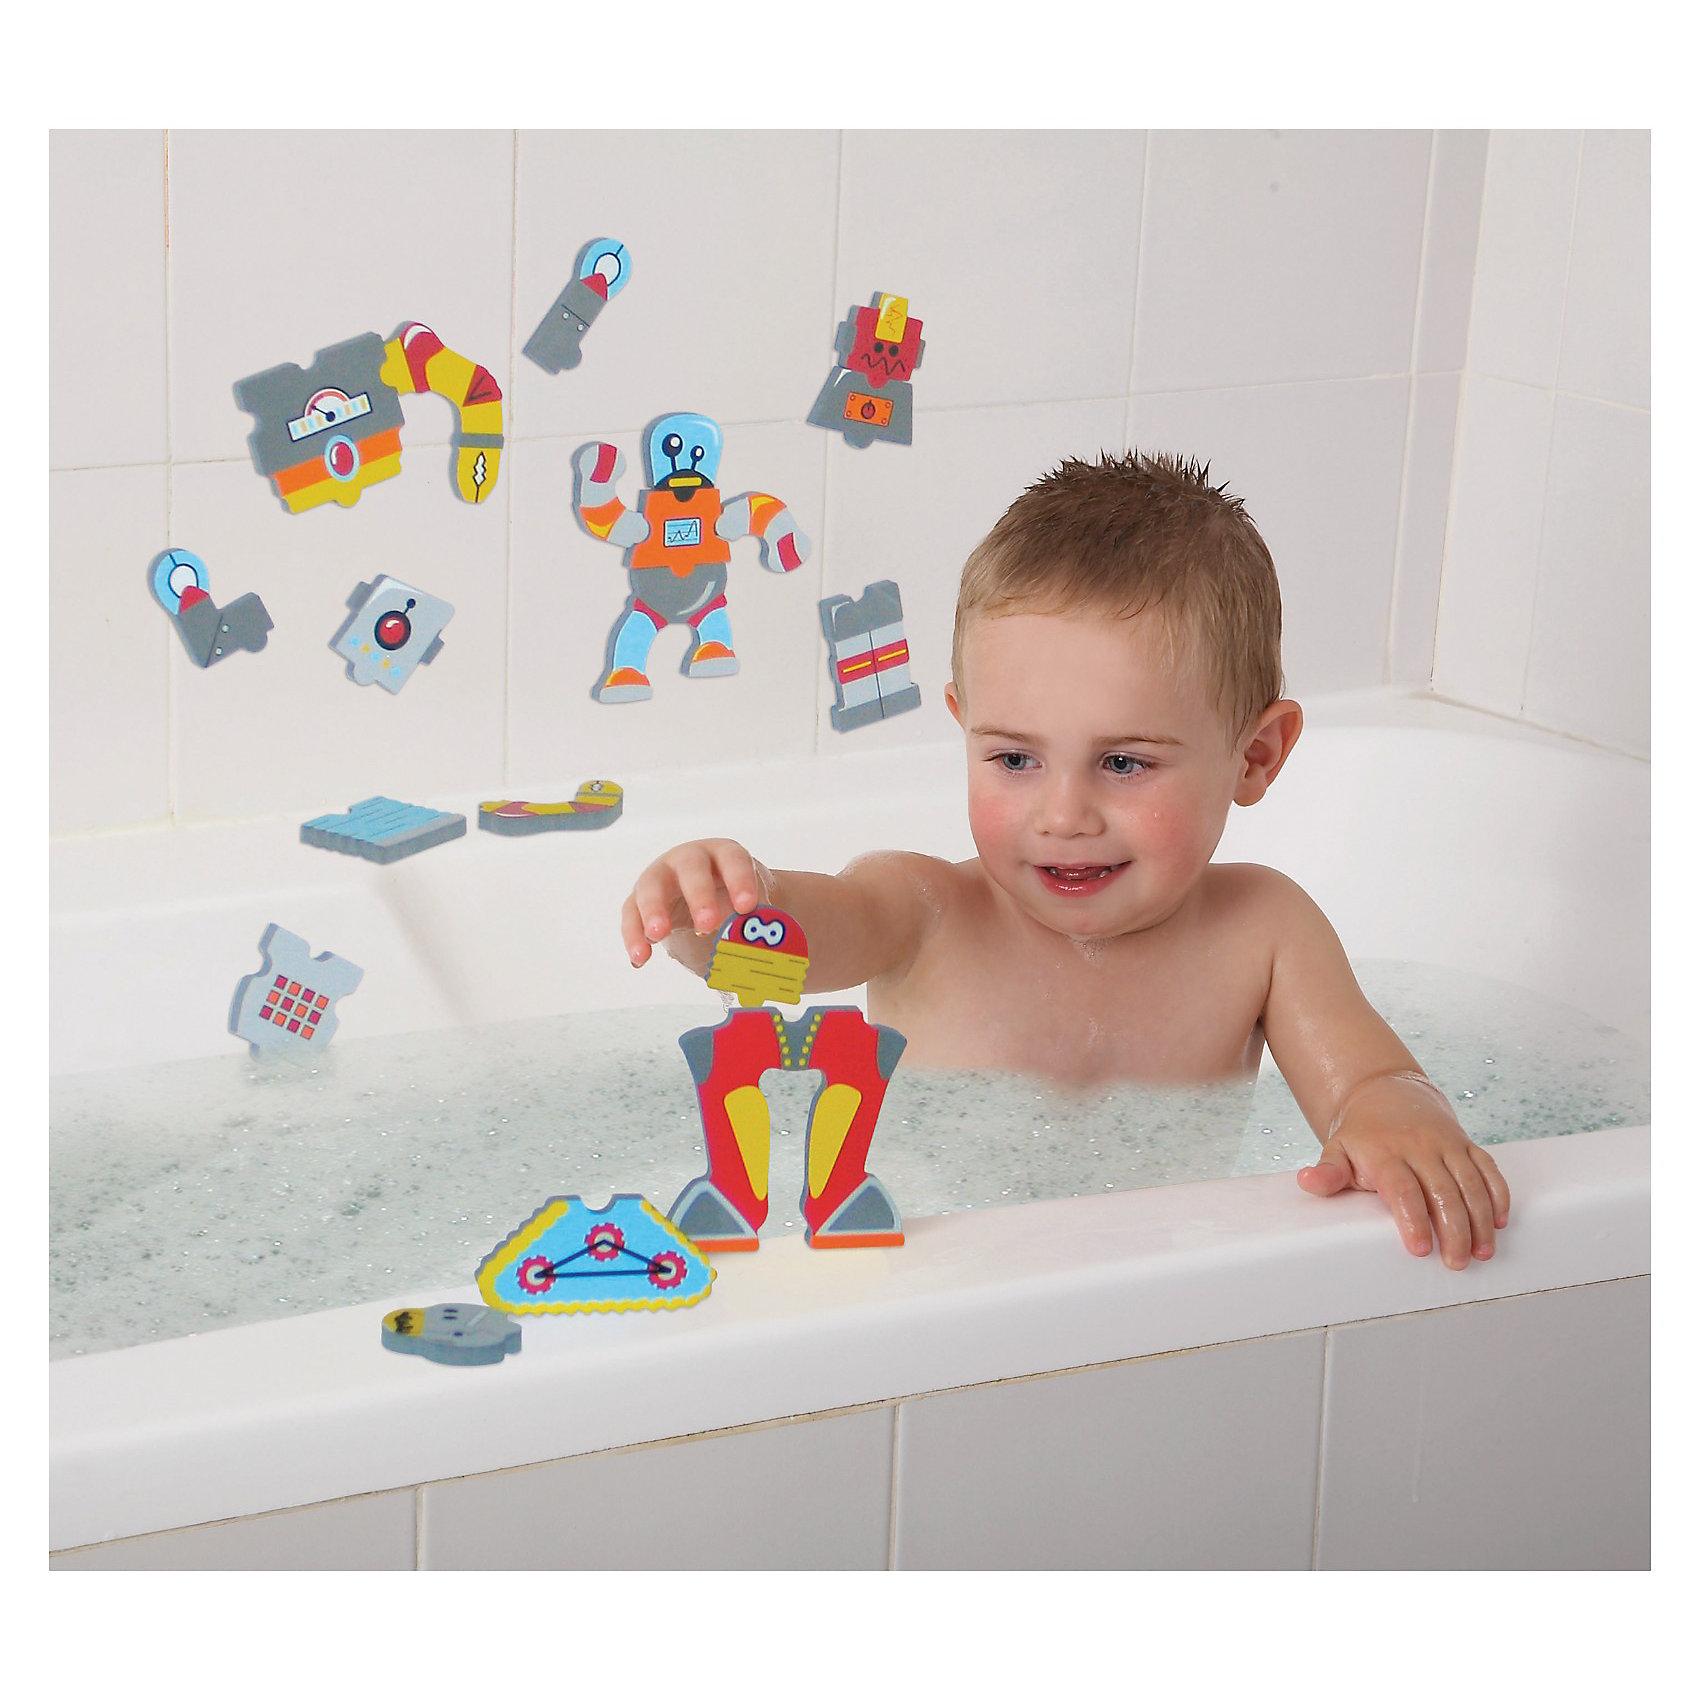 Edushape Edushape Набор для игры в ванне «Роботы» 21 часть игровой набор для игры в ванне лови рыбу crd 26x5x29см арт zyb b1068